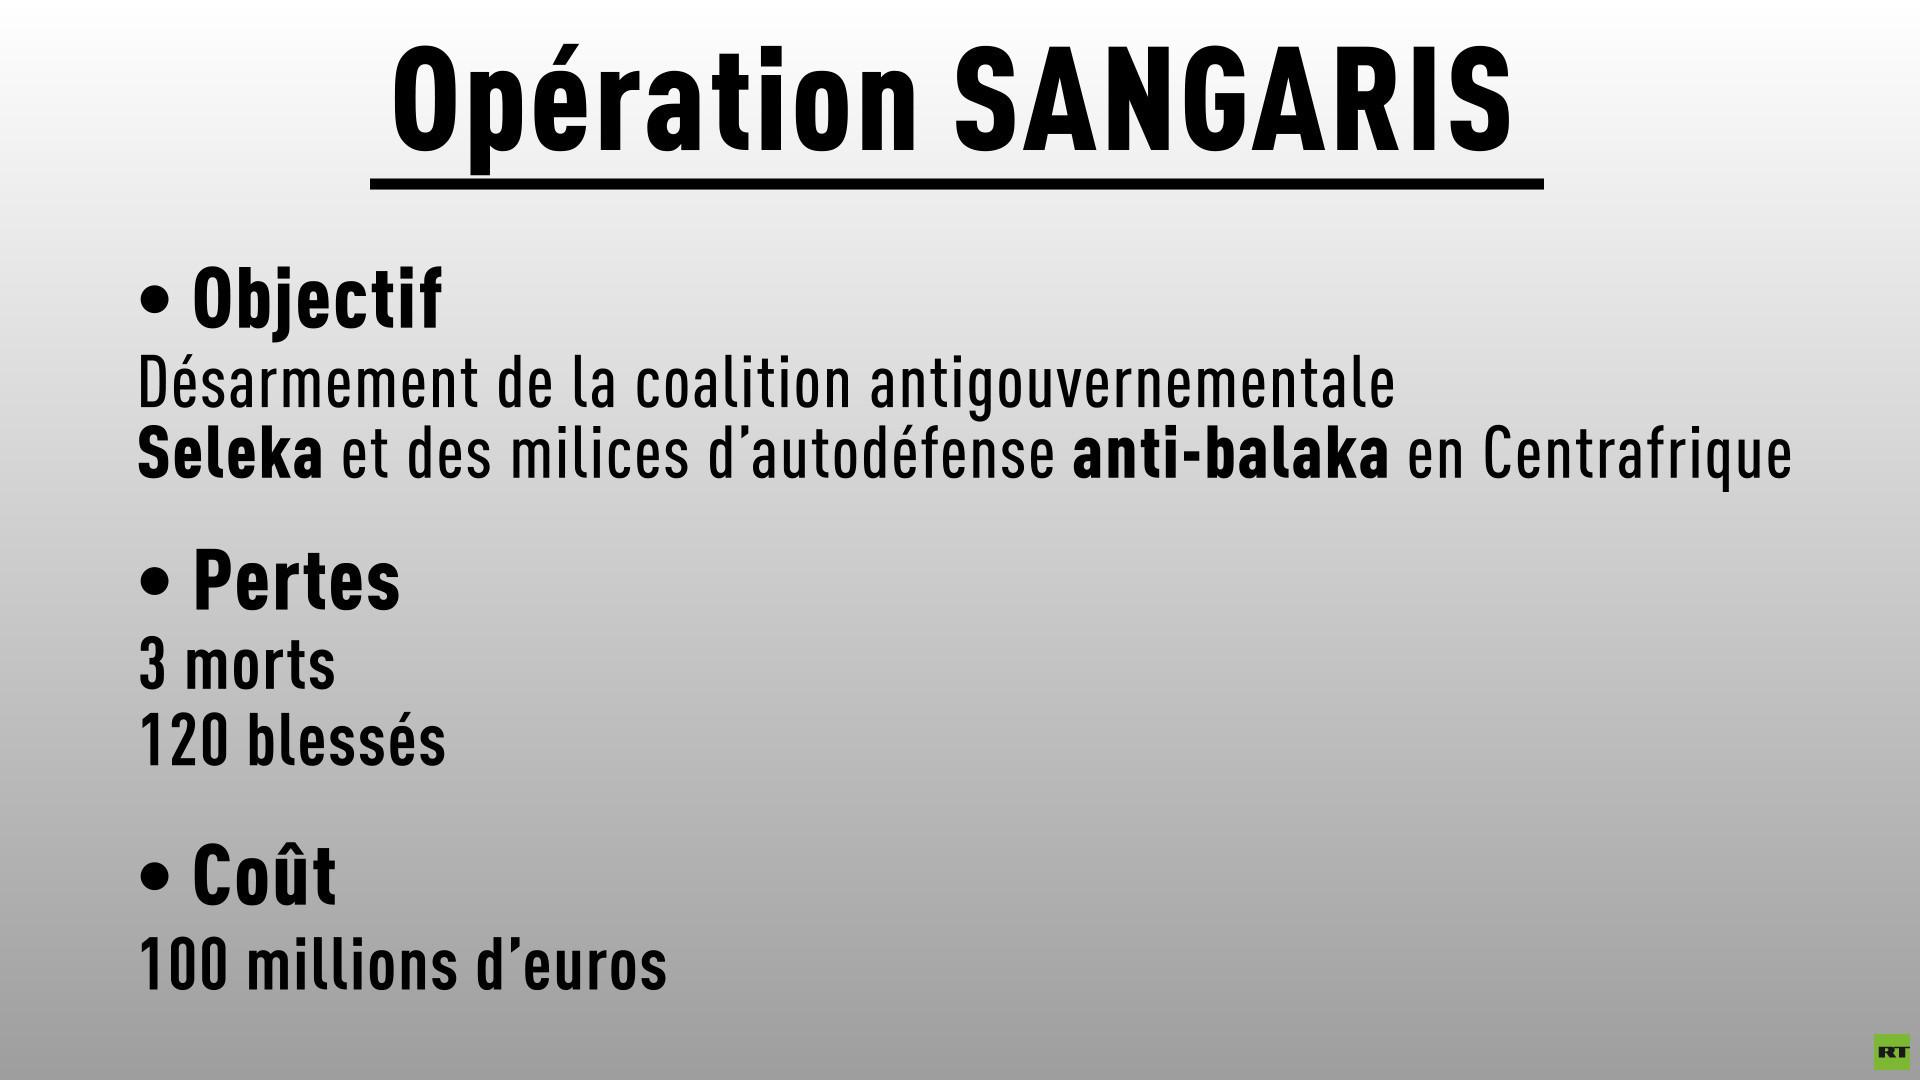 La France va mettre fin en 2016 à son opération militaire en Centrafrique